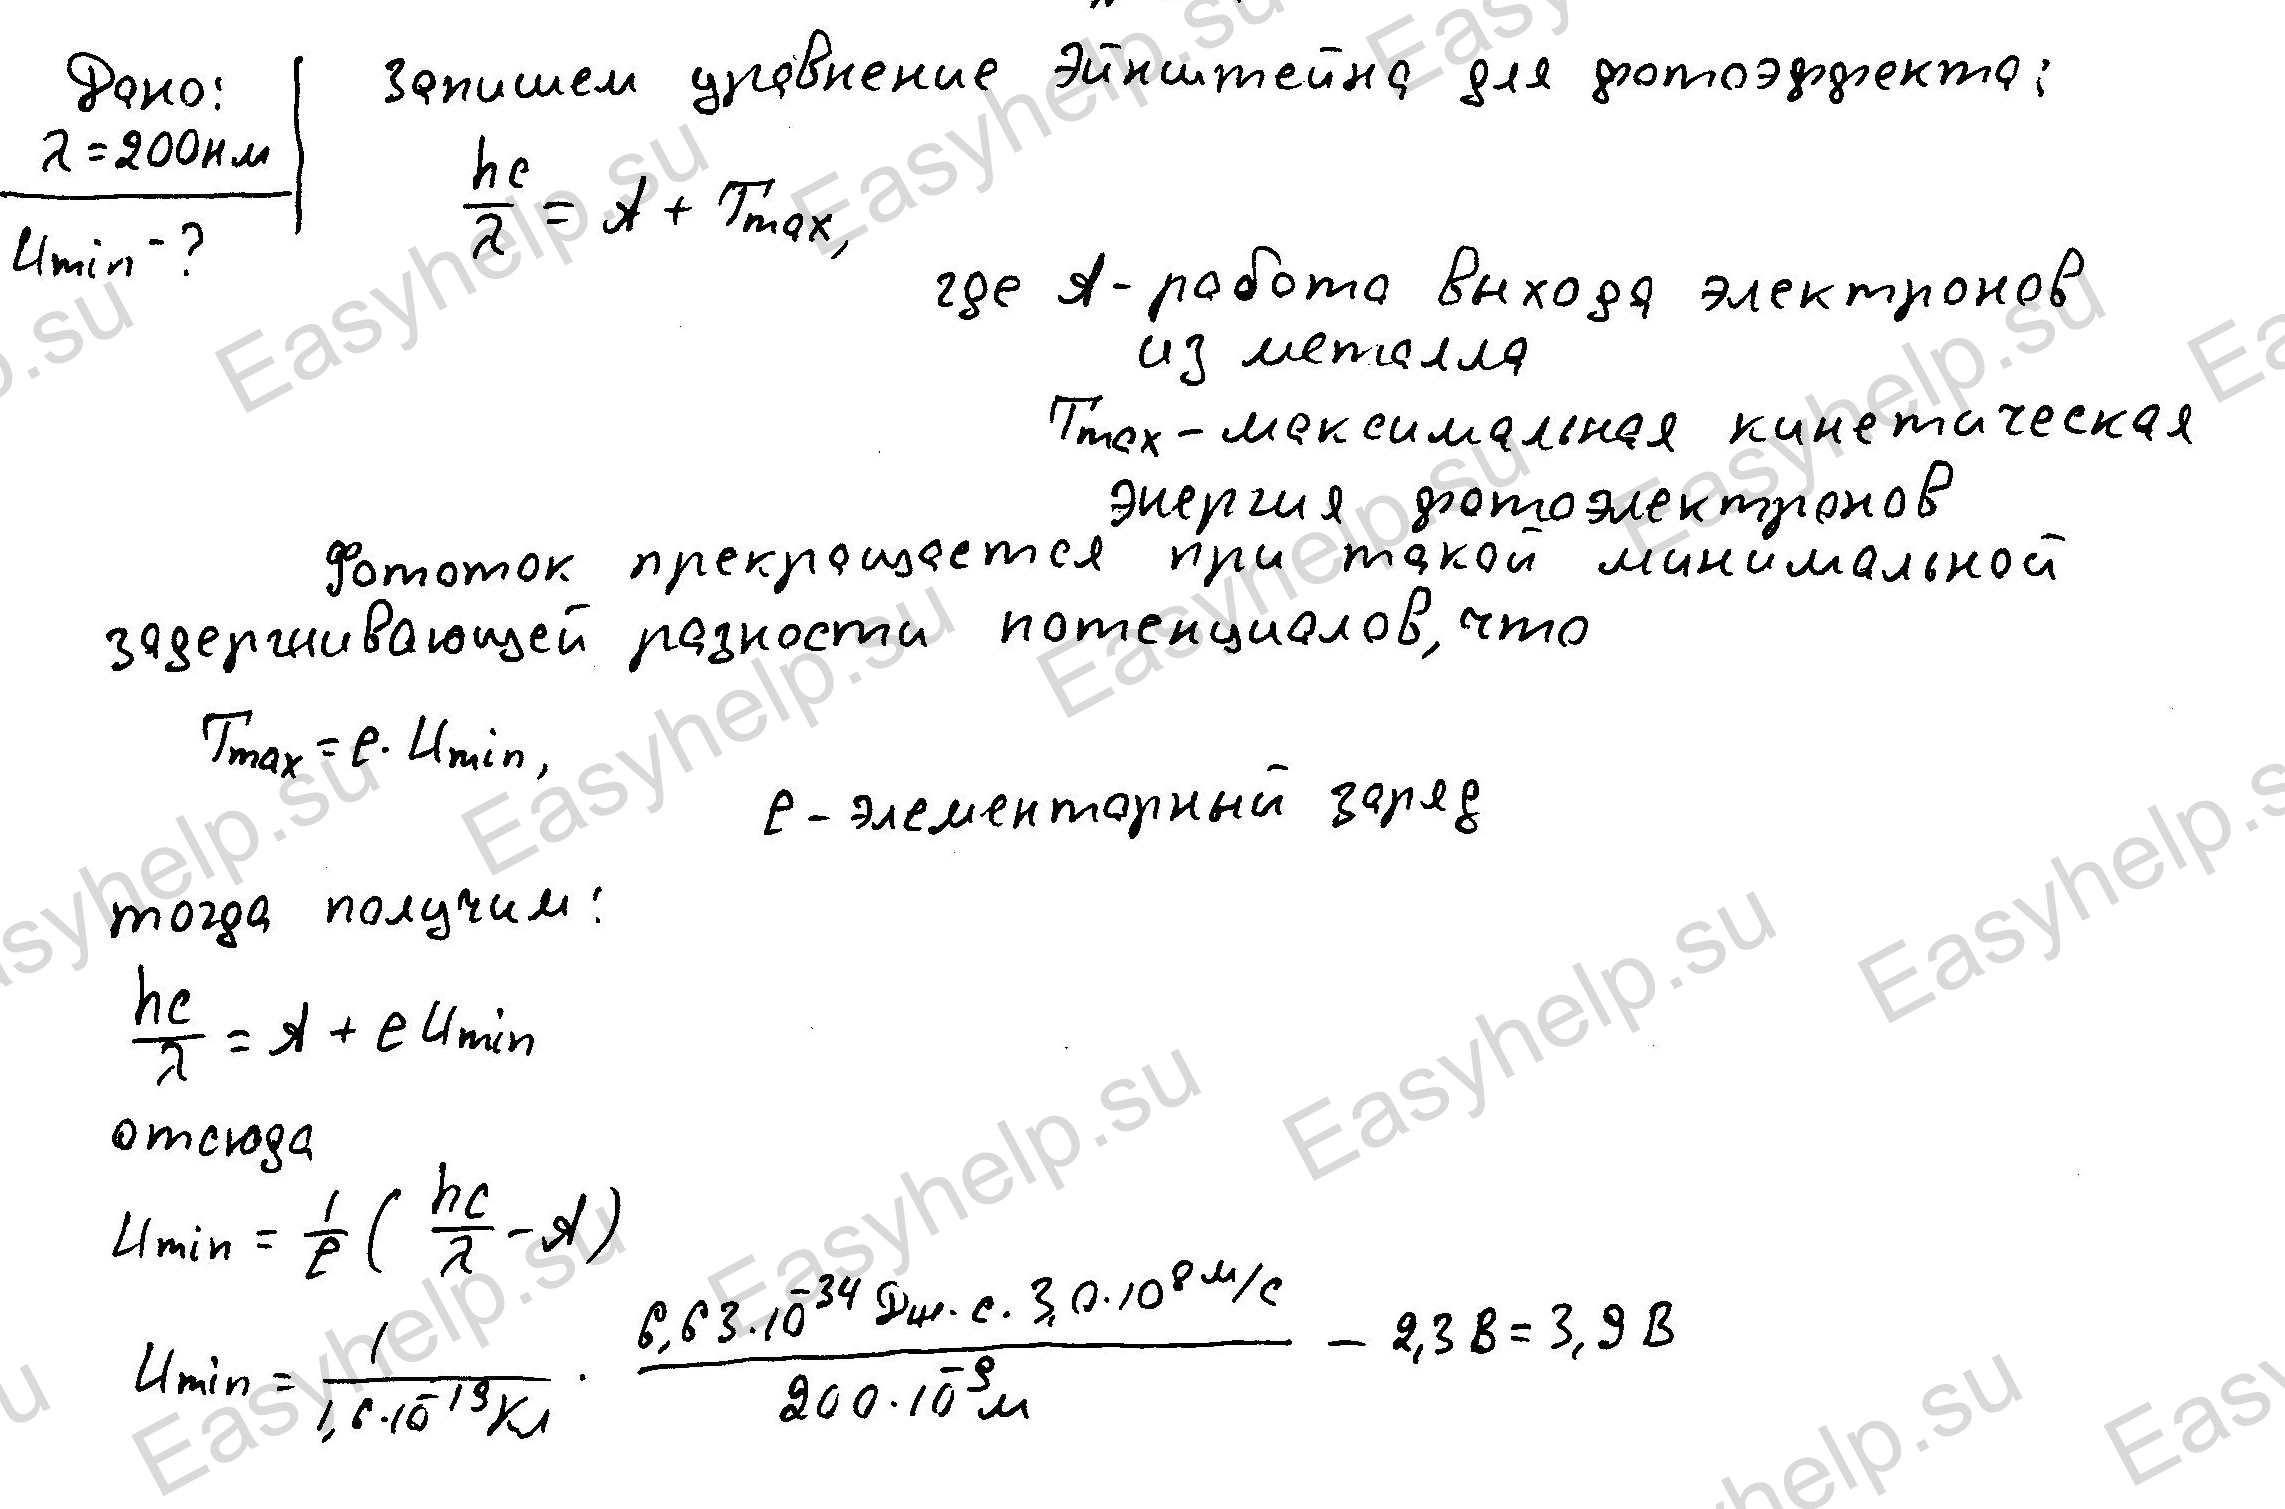 Таблица значений работы выхода электронов из неорганических веществ. формулы. - инженерный справочник dpva.ru / технический справочник дпва / таблицы для инженеров (ex dpva-info)